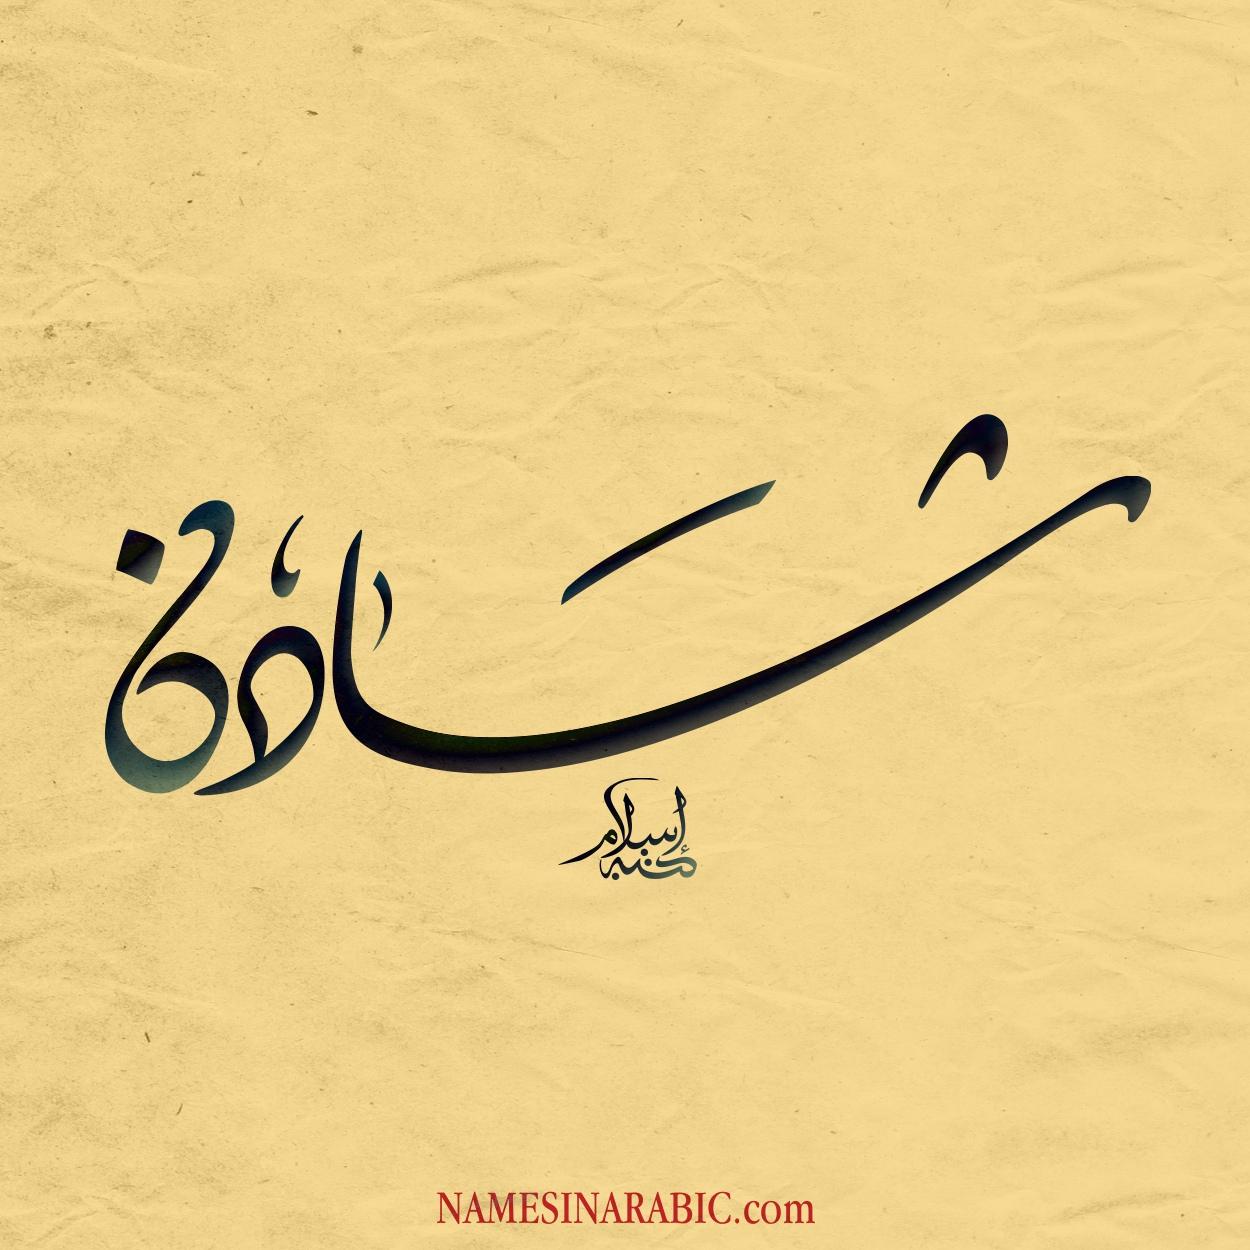 مشاهير يحملون اسم شادن و معنى اسم شادن قاموس الأسماء و المعاني